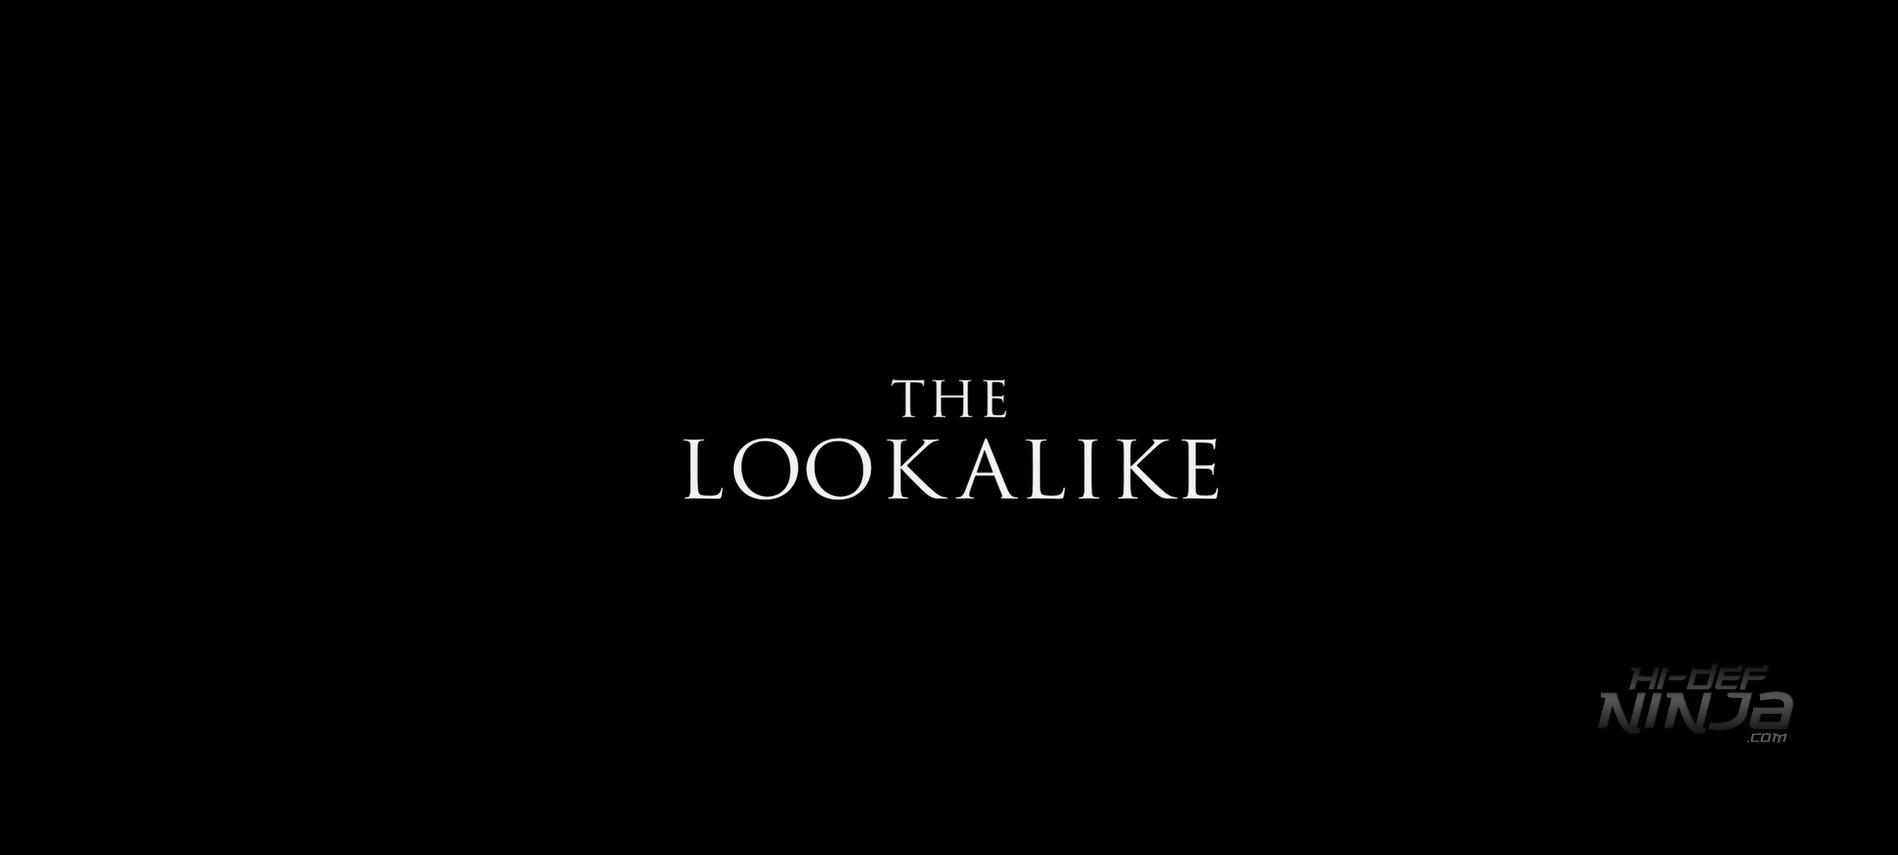 Lookalike (1)